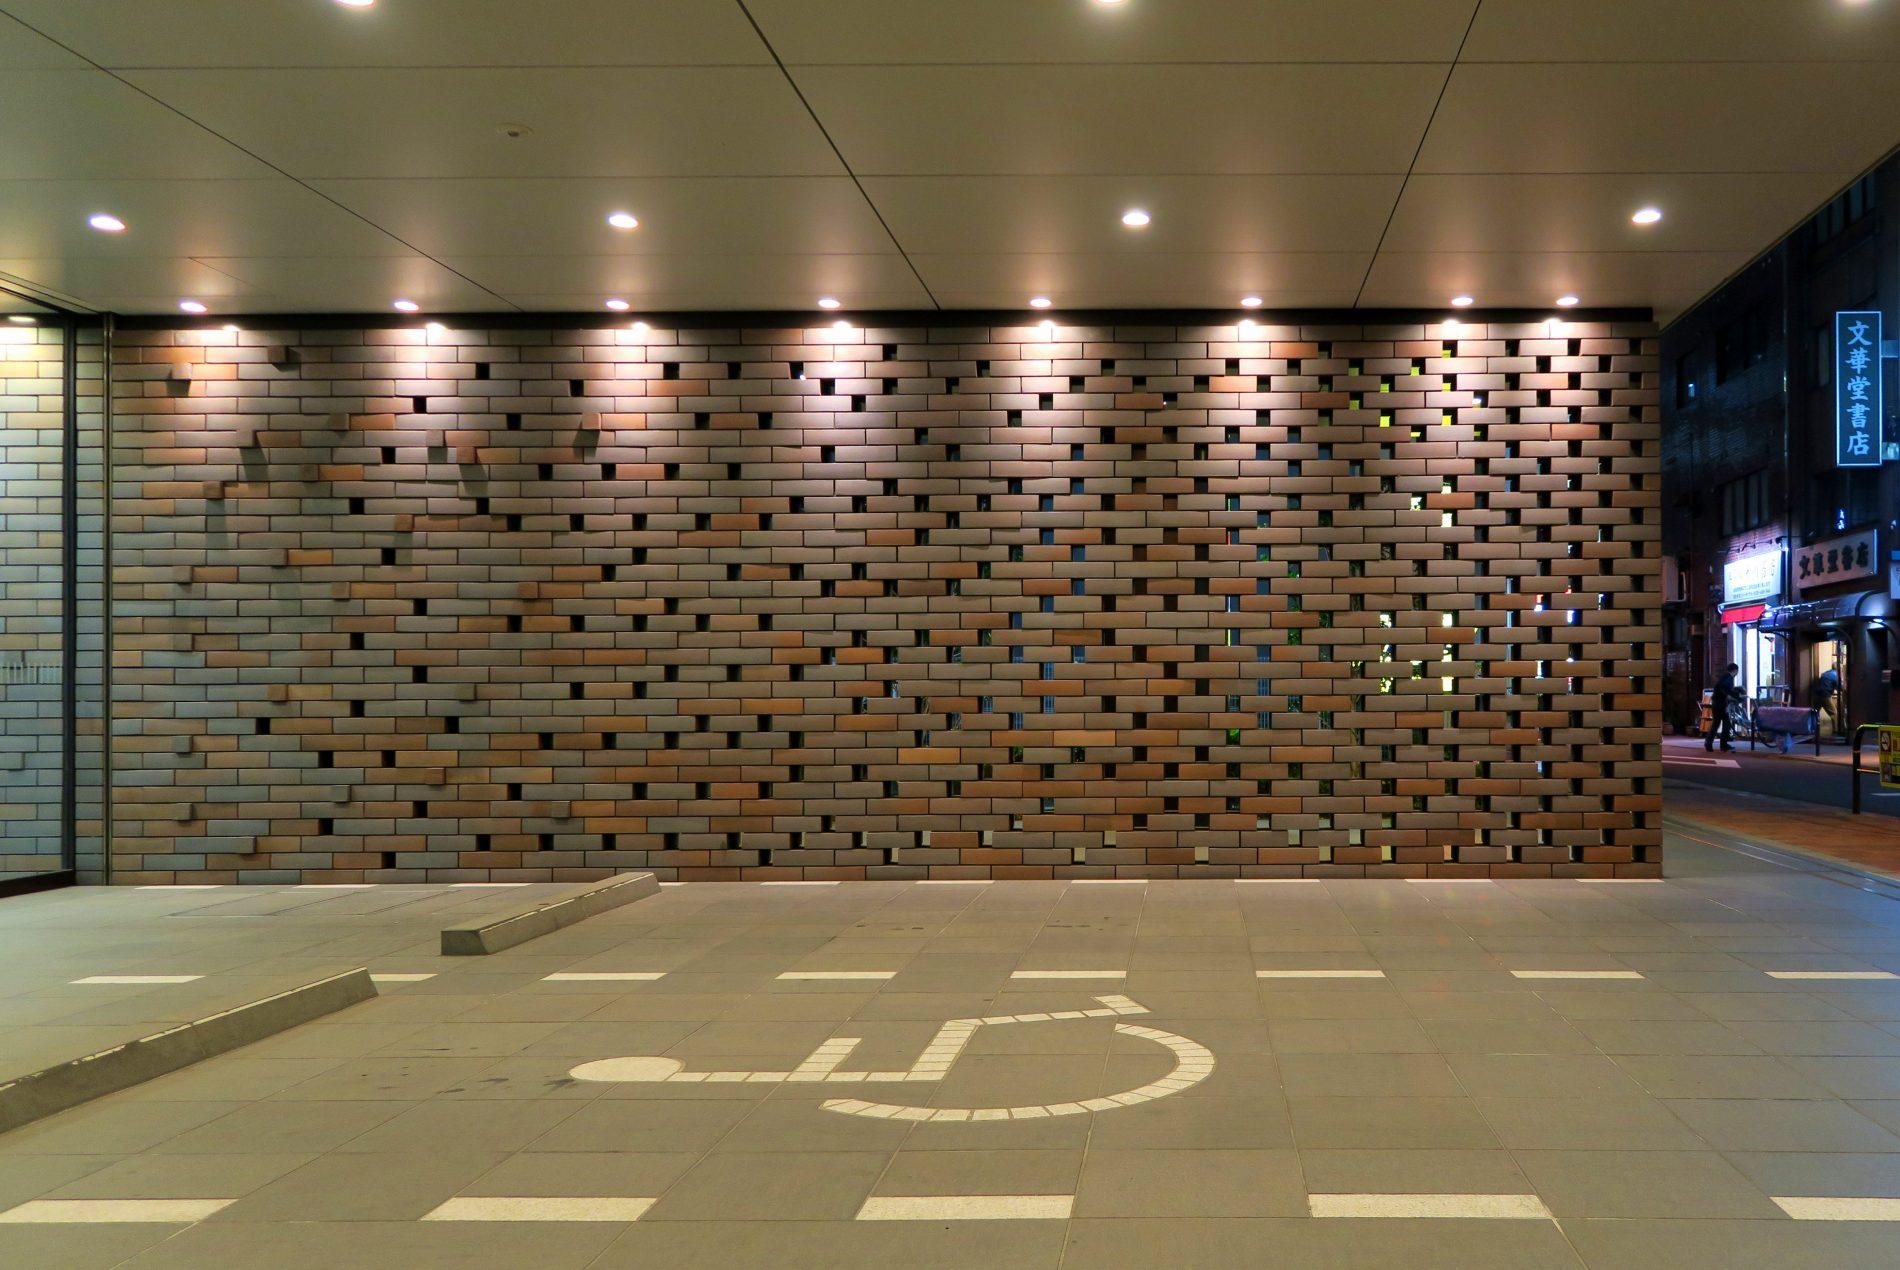 2011神保町プロジェクト_乾式レンガスクリーン